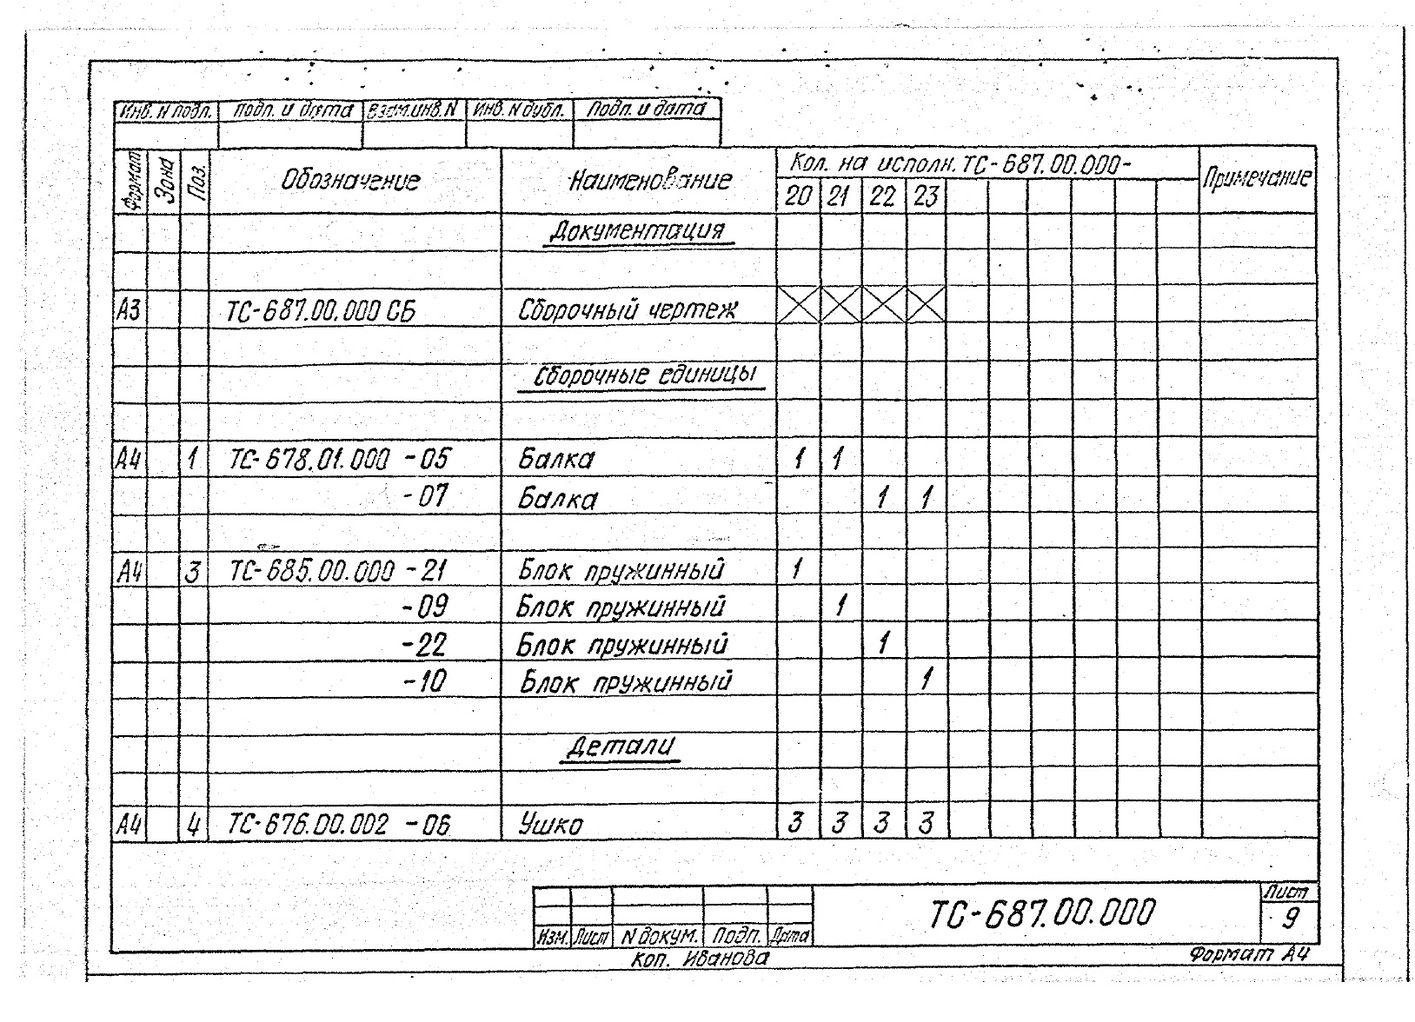 Подвески пружинные для горизонтальных трубопроводов Дн 159-426 мм ТС-687.00.000 СБ серия 5.903-13 выпуск 6-95 стр.12